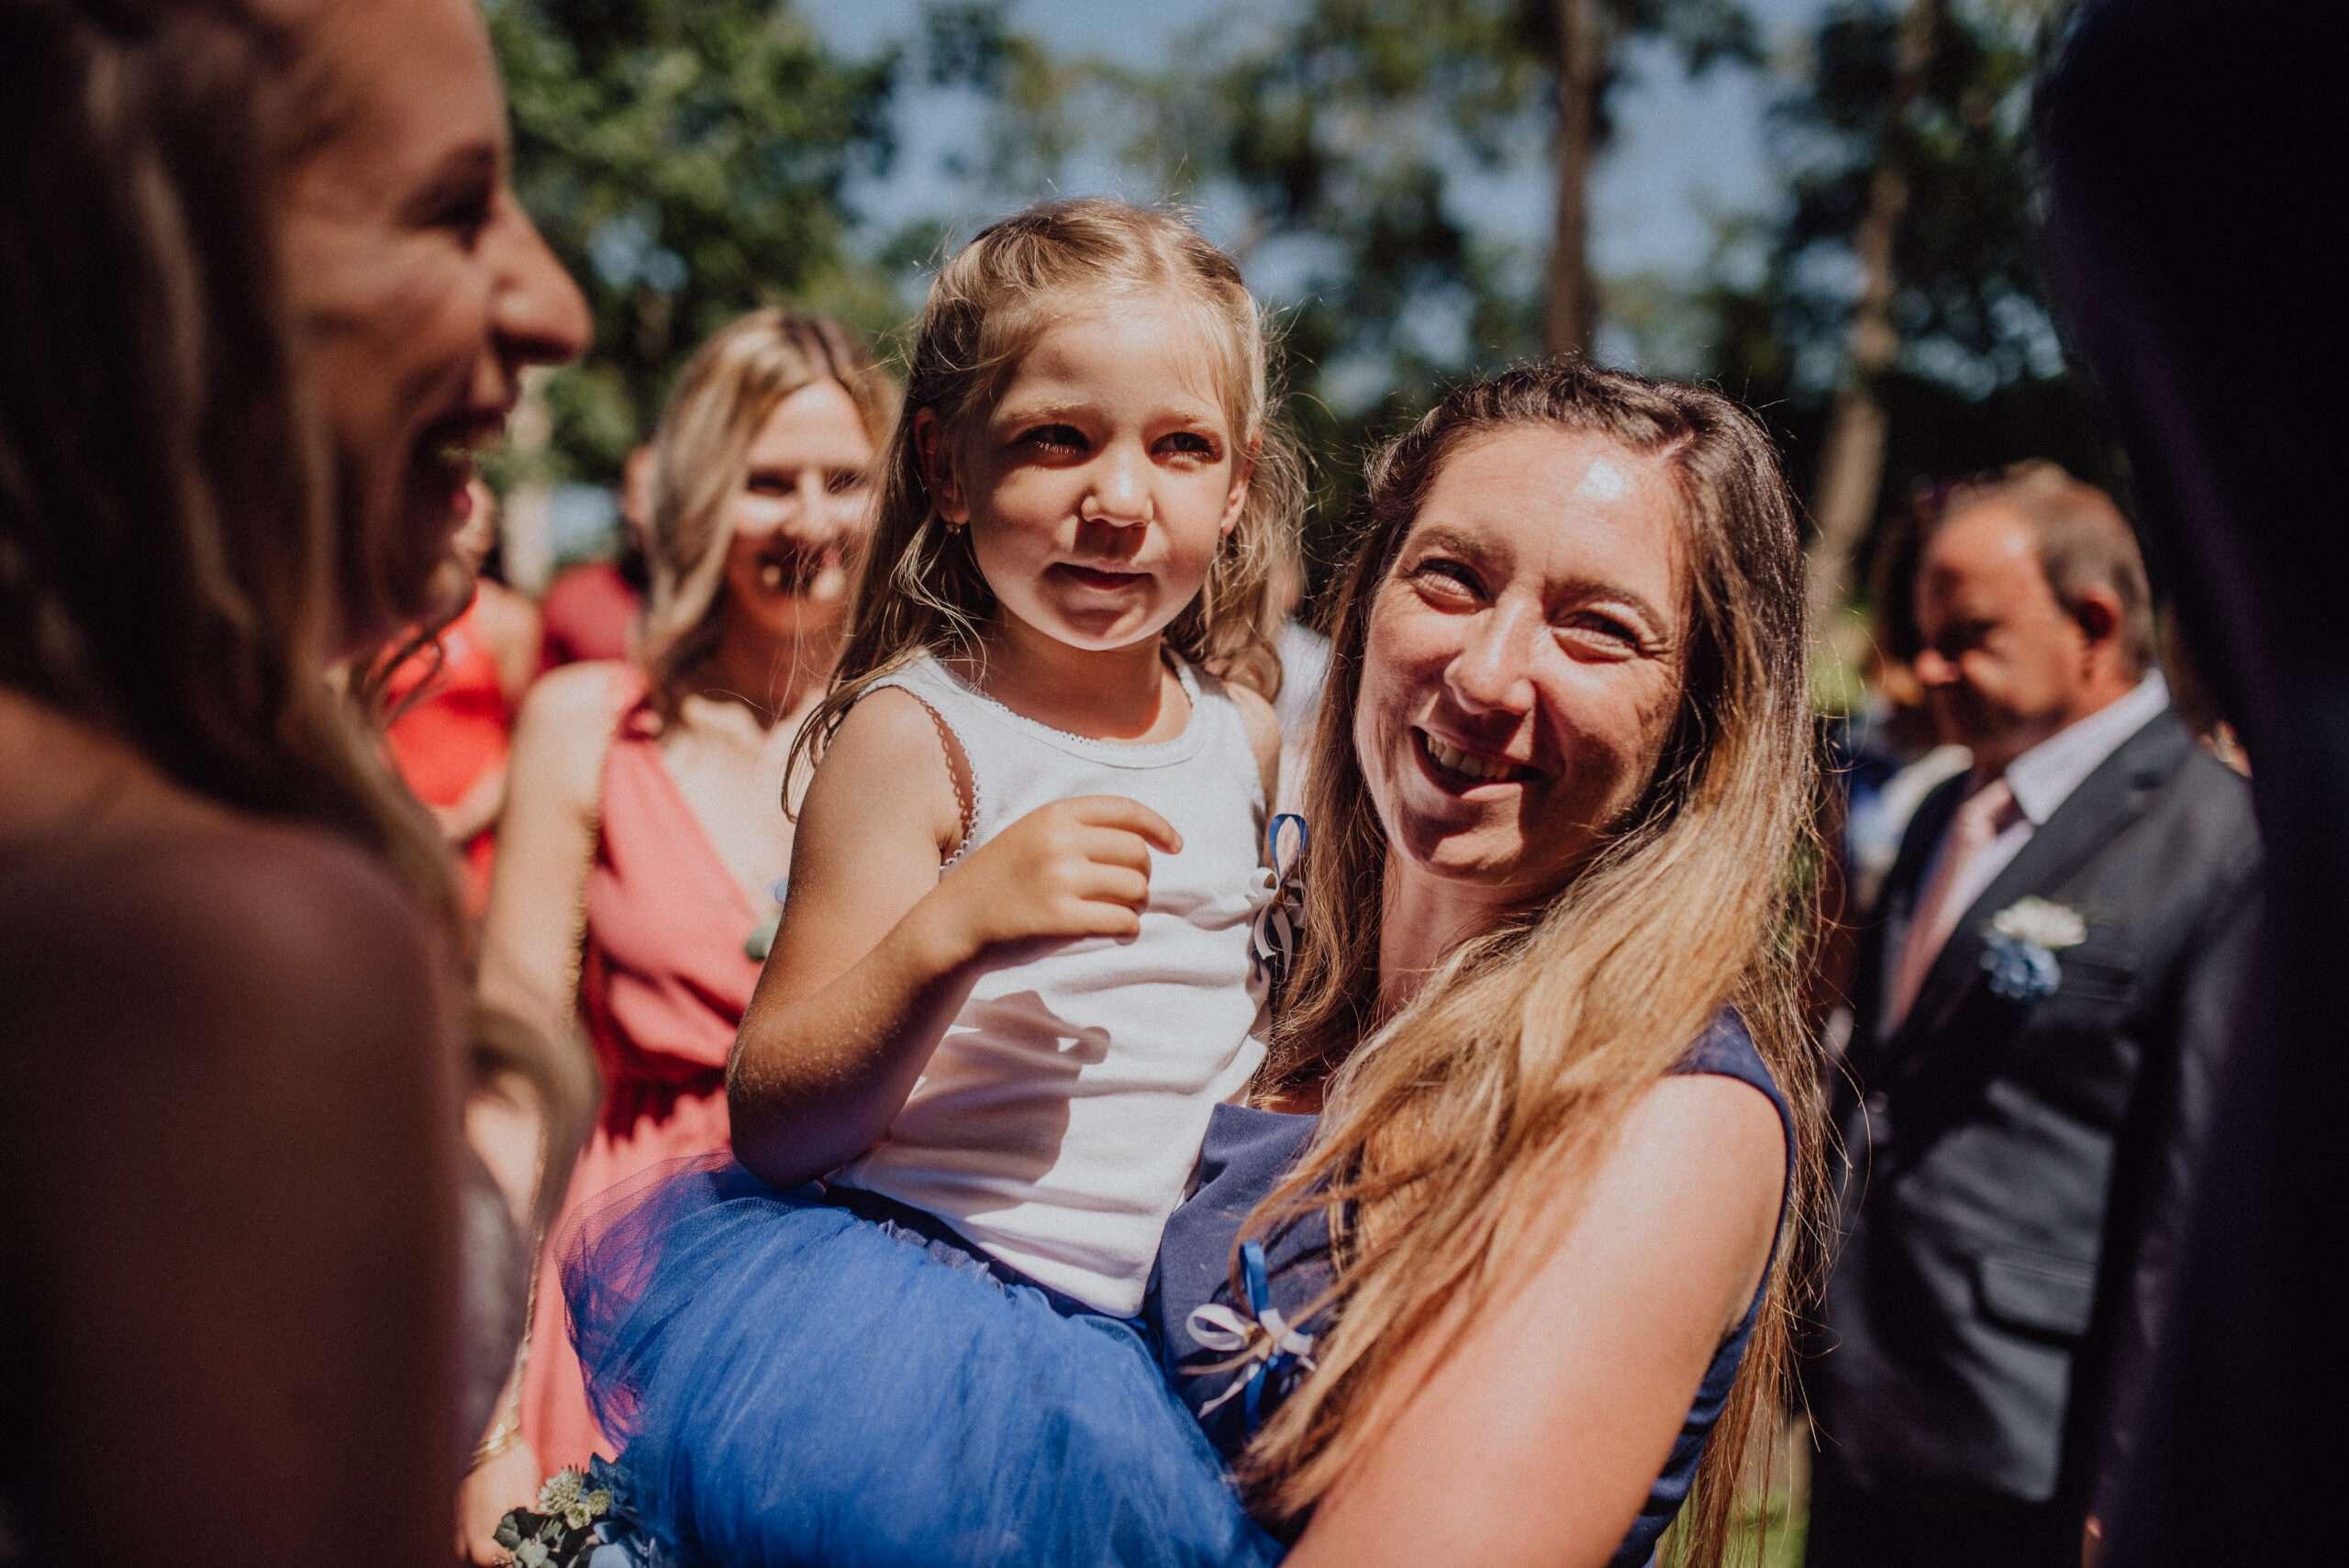 Žena s dítetem na svatbě v ostrém poledním slunci